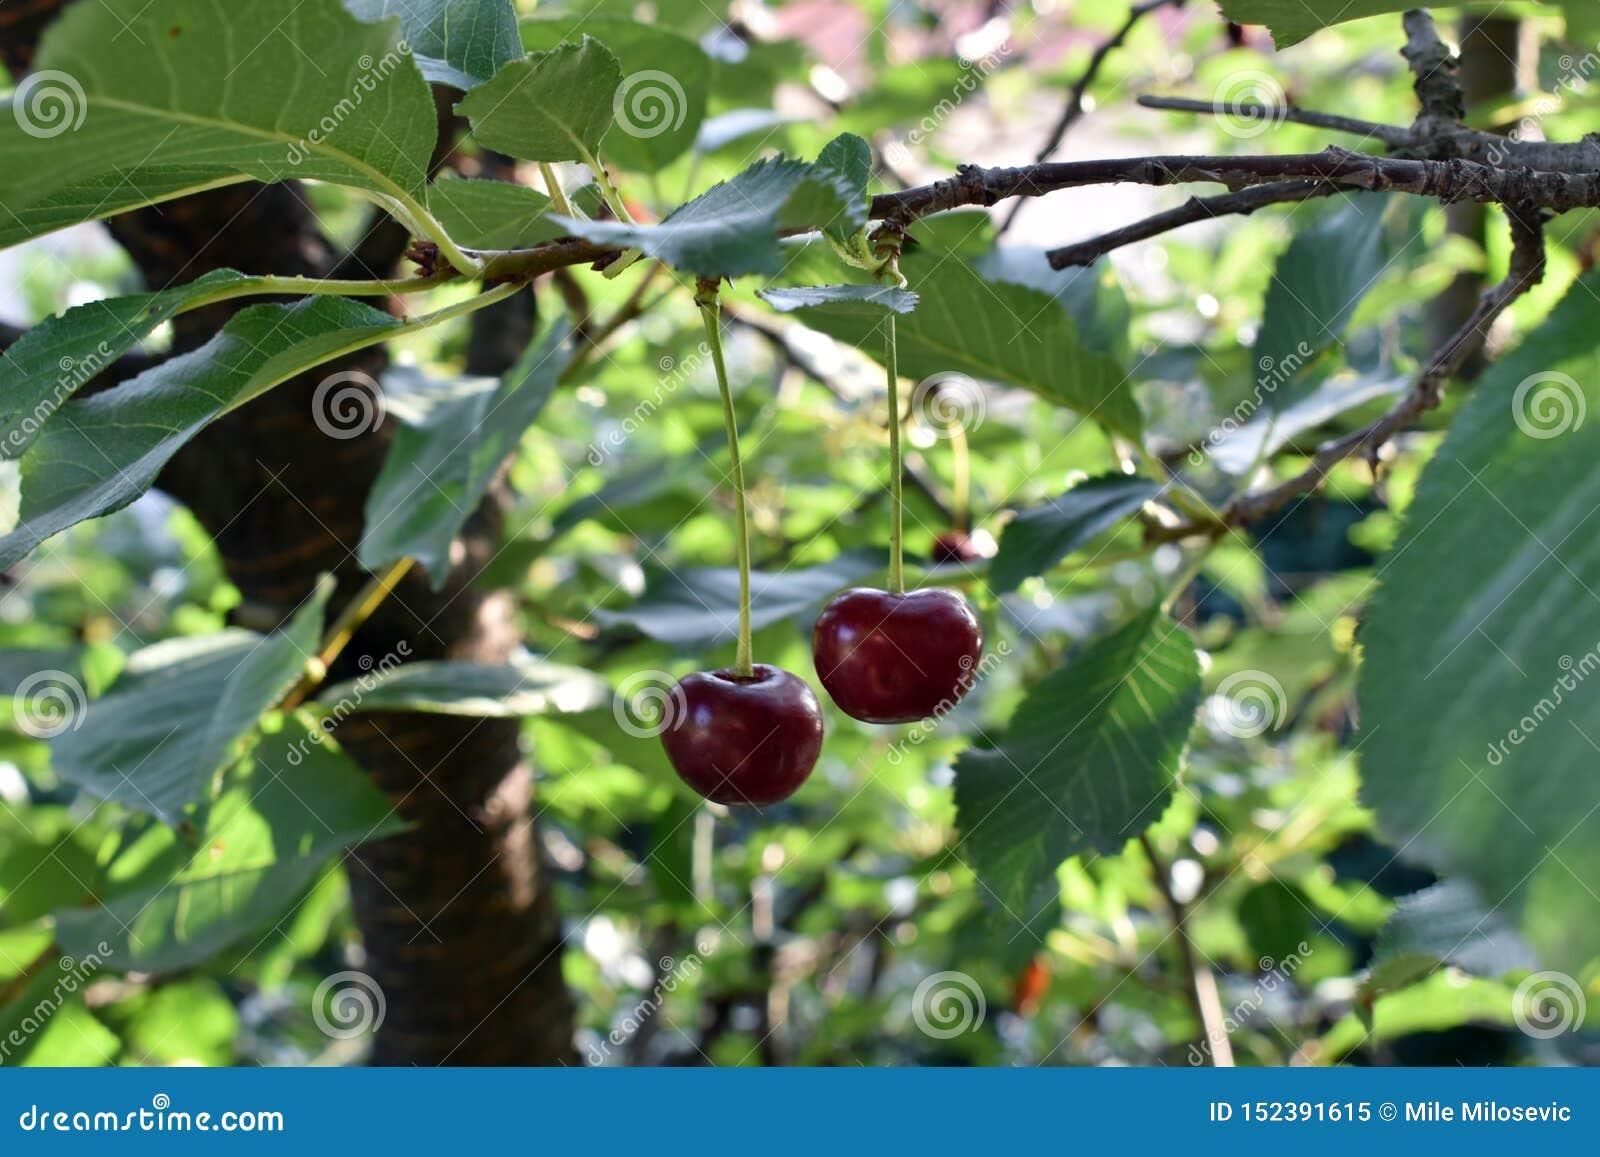 Due ciliege sul ramo